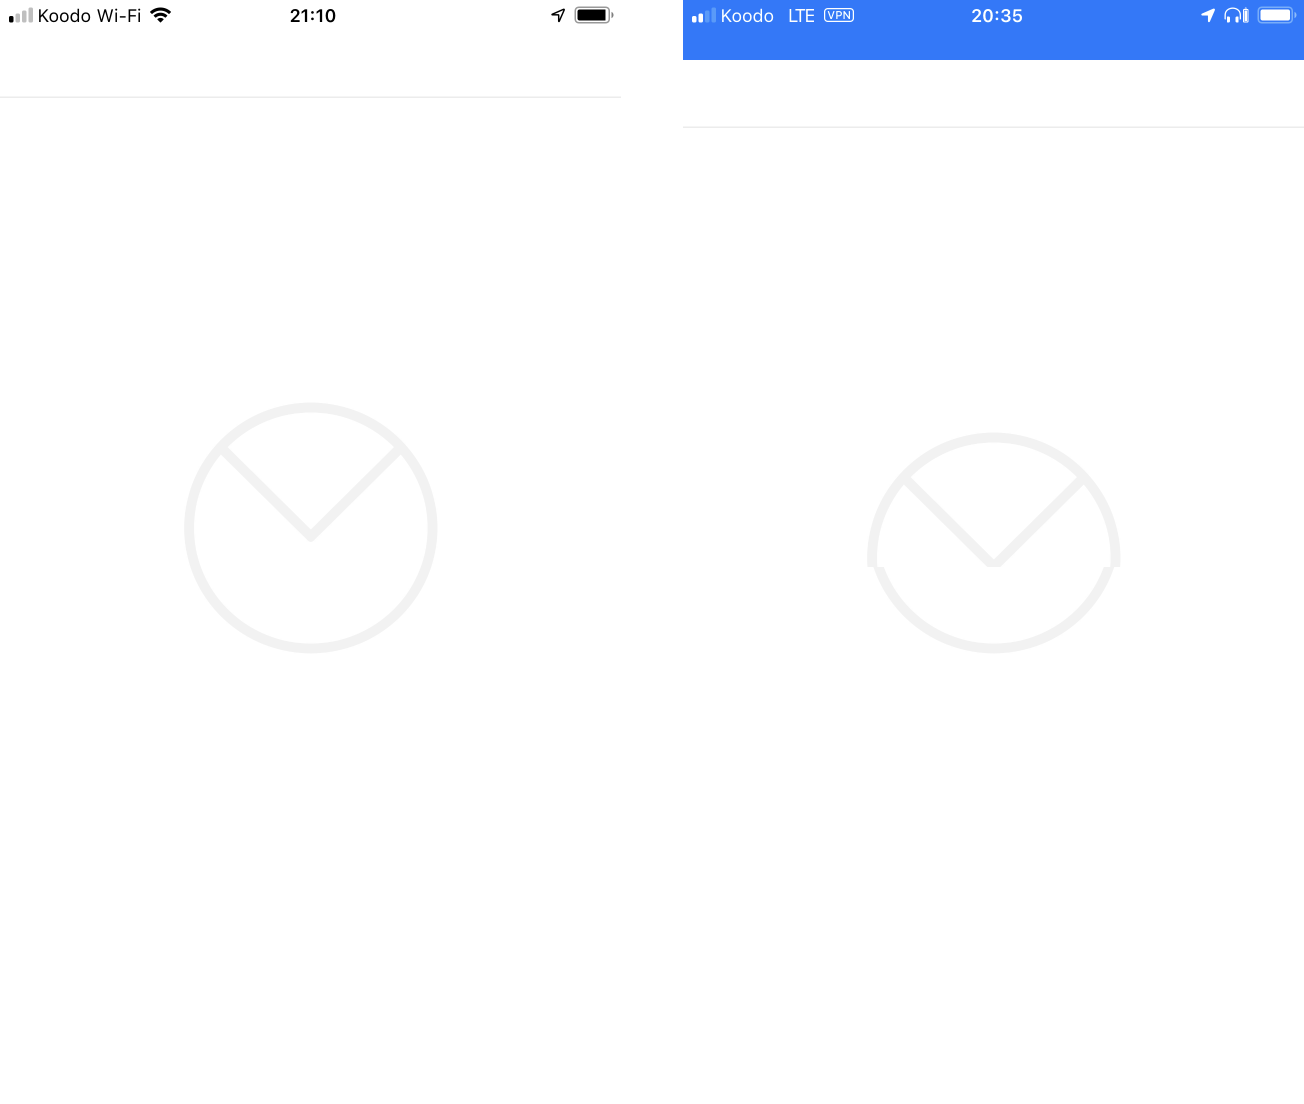 Airmail comparison